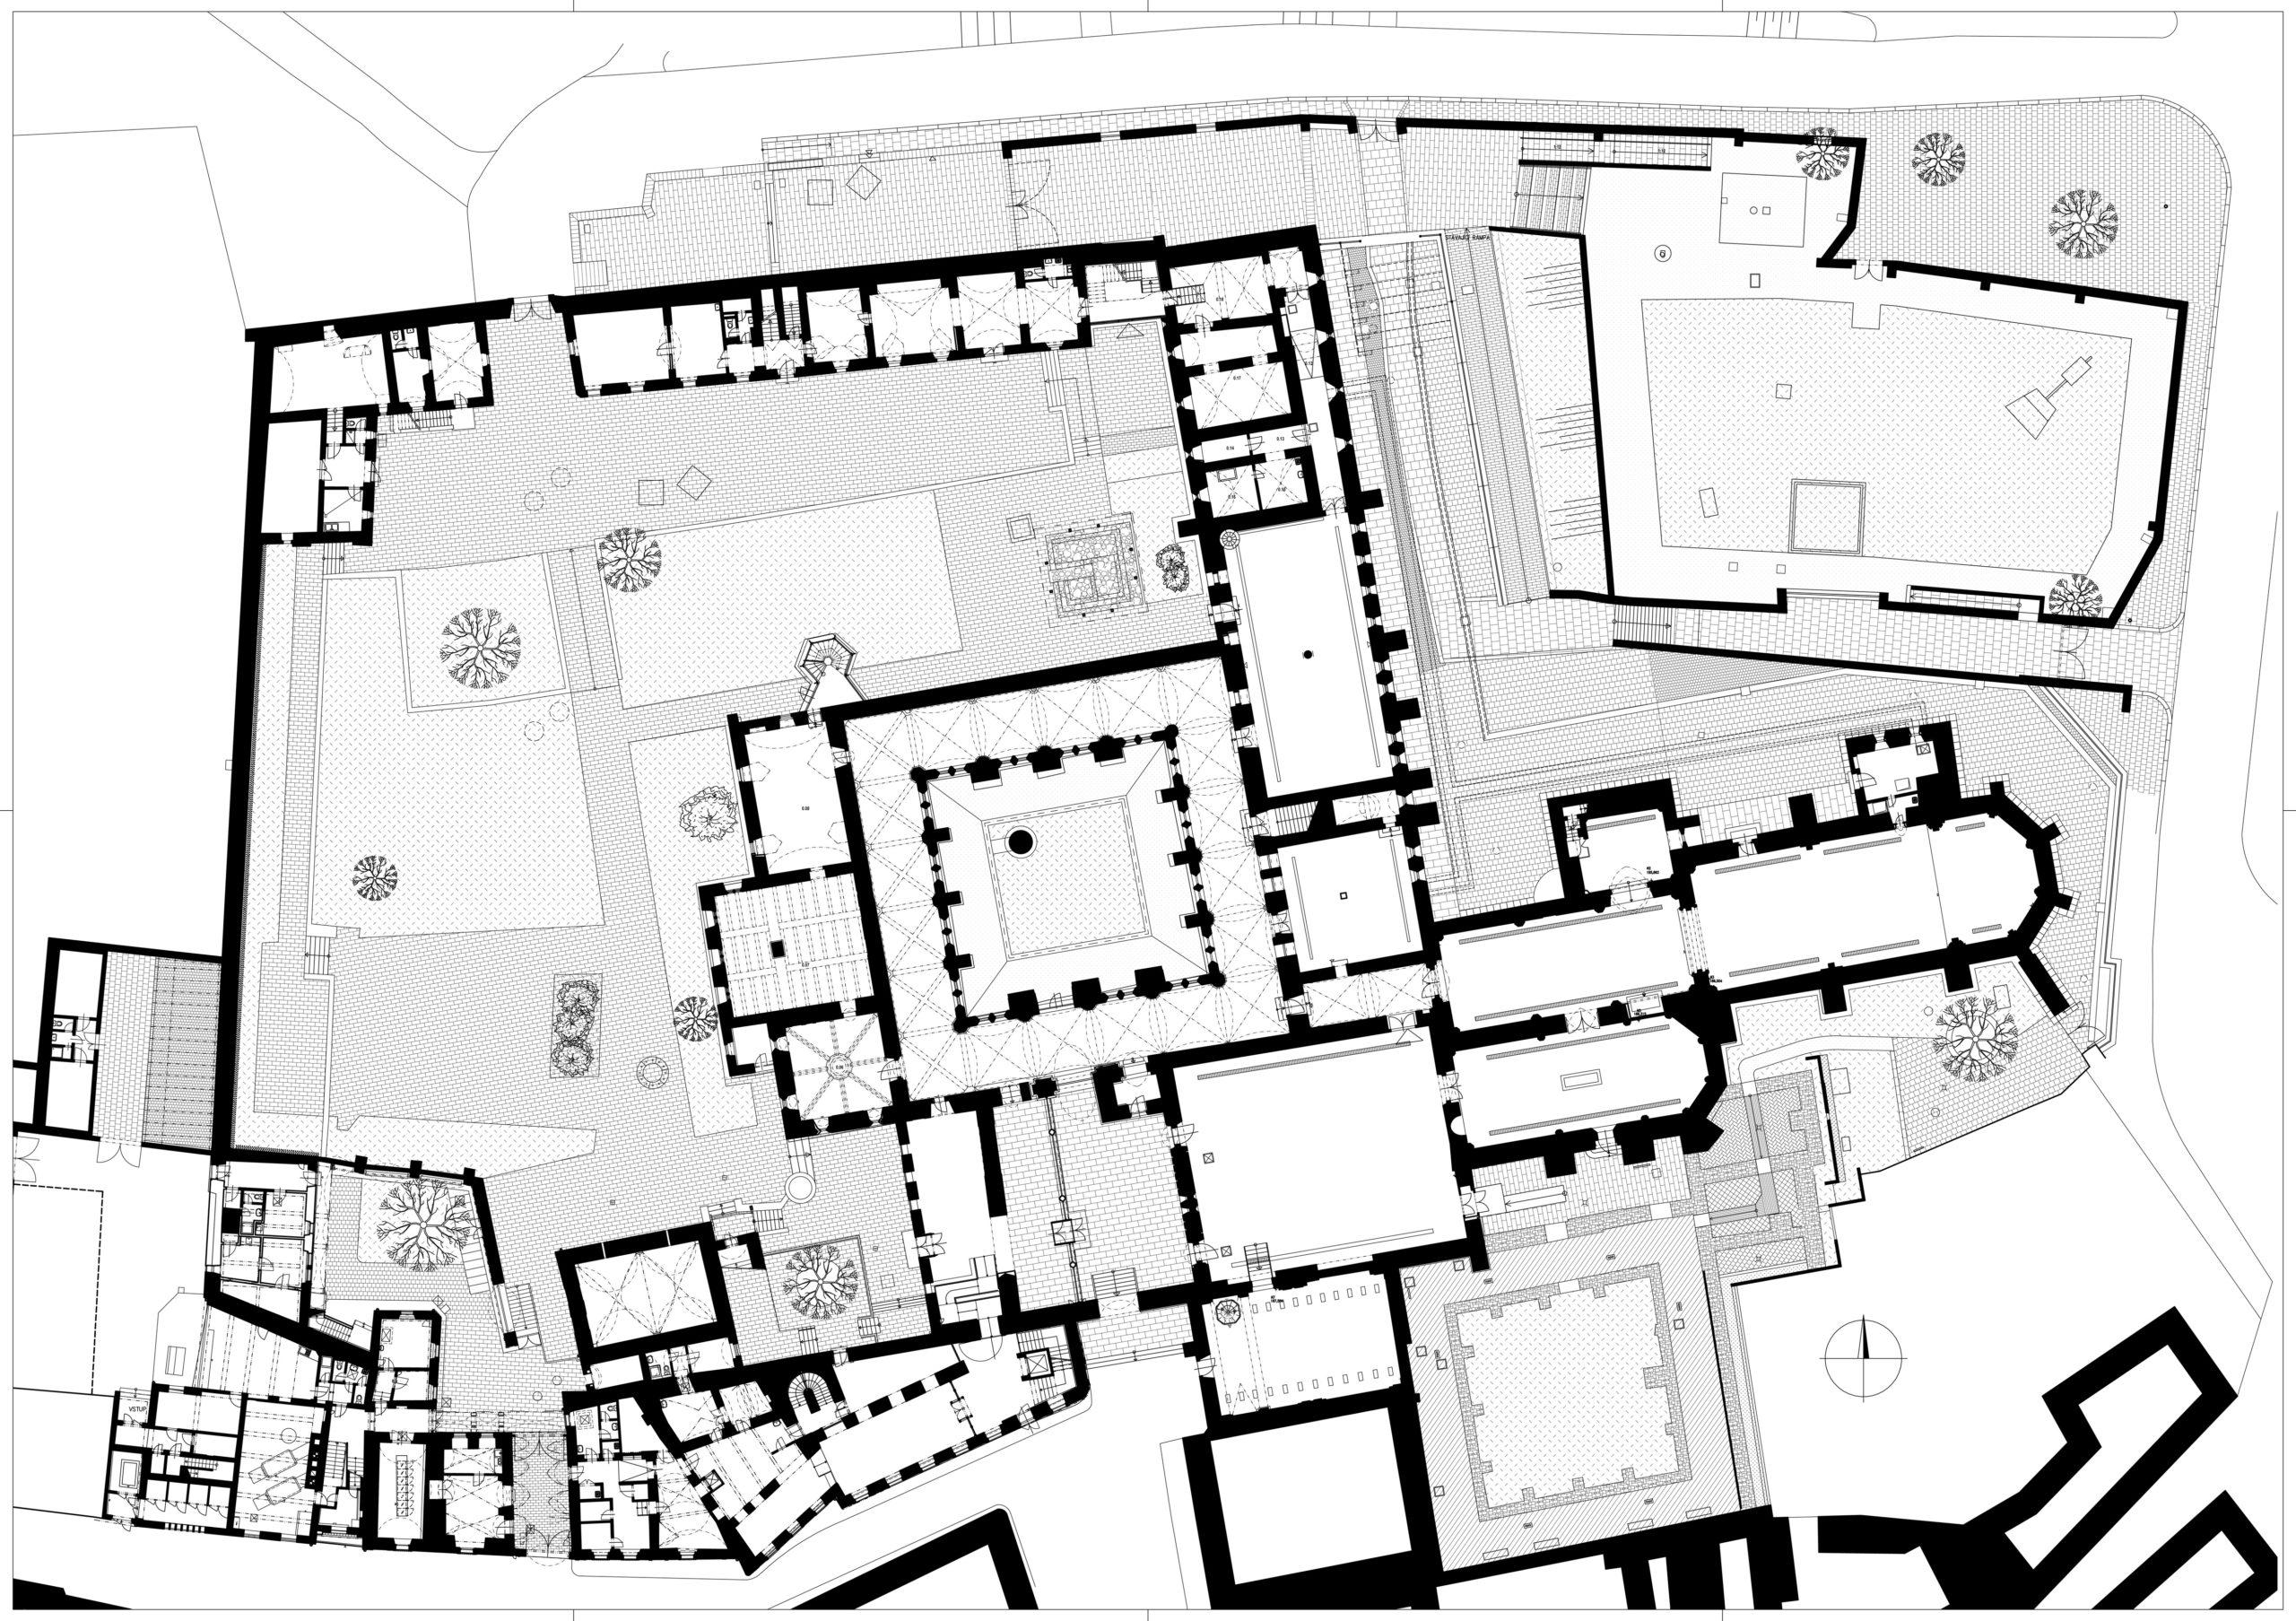 Úprava zahrady kláštera menších bratří aploch na severní straně Anežského kláštera, Praha 1